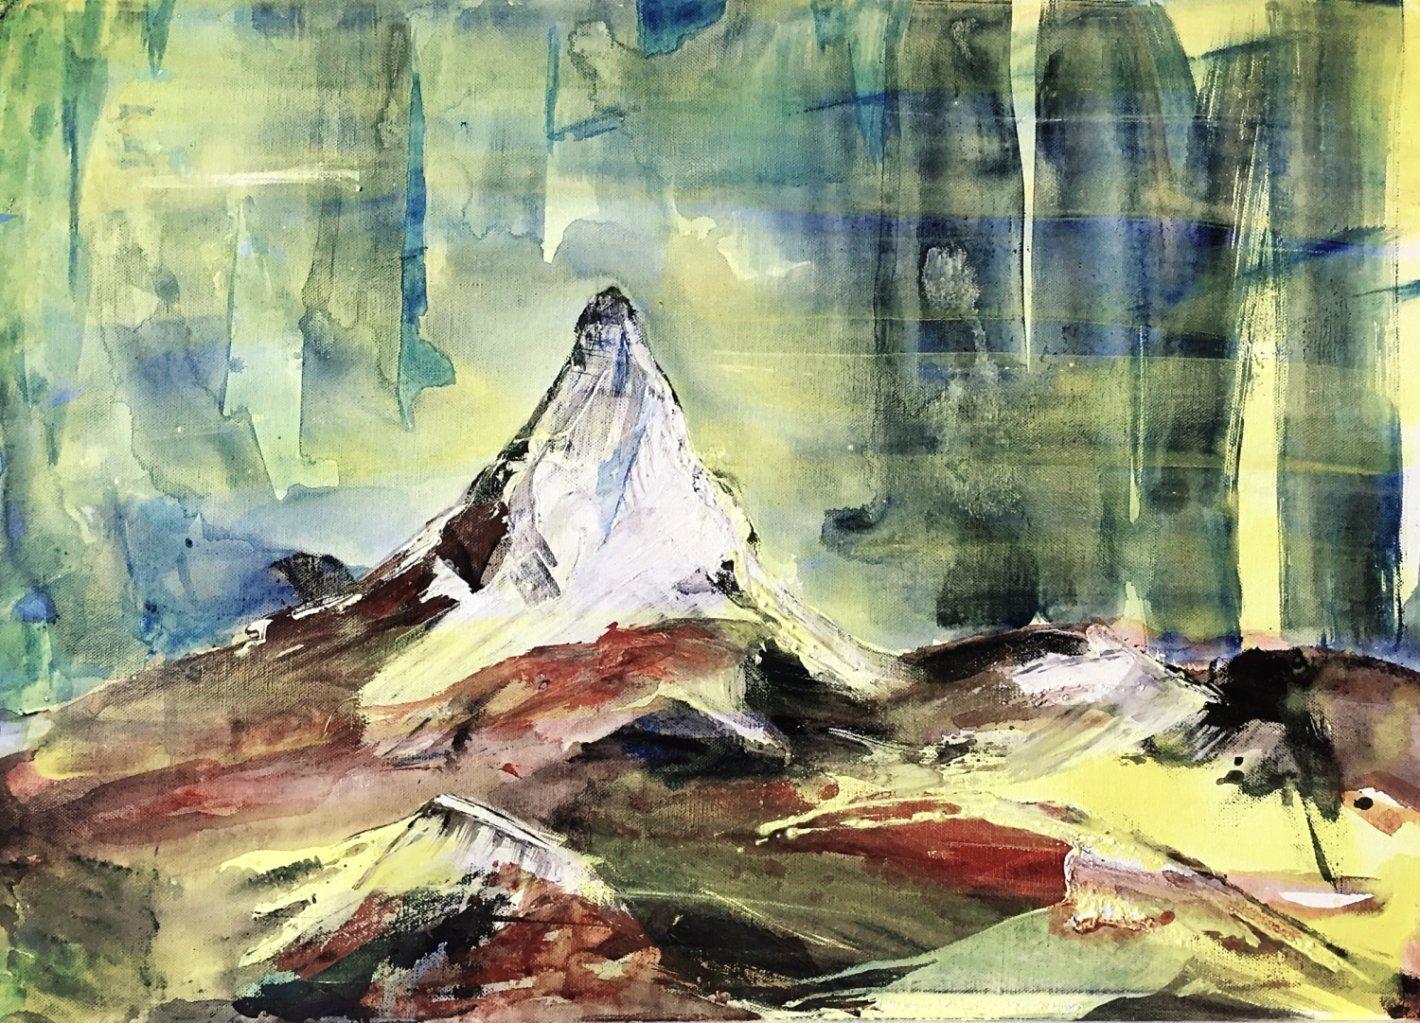 Hohlbaum Art I Sonja Leona I Matterhorn VII